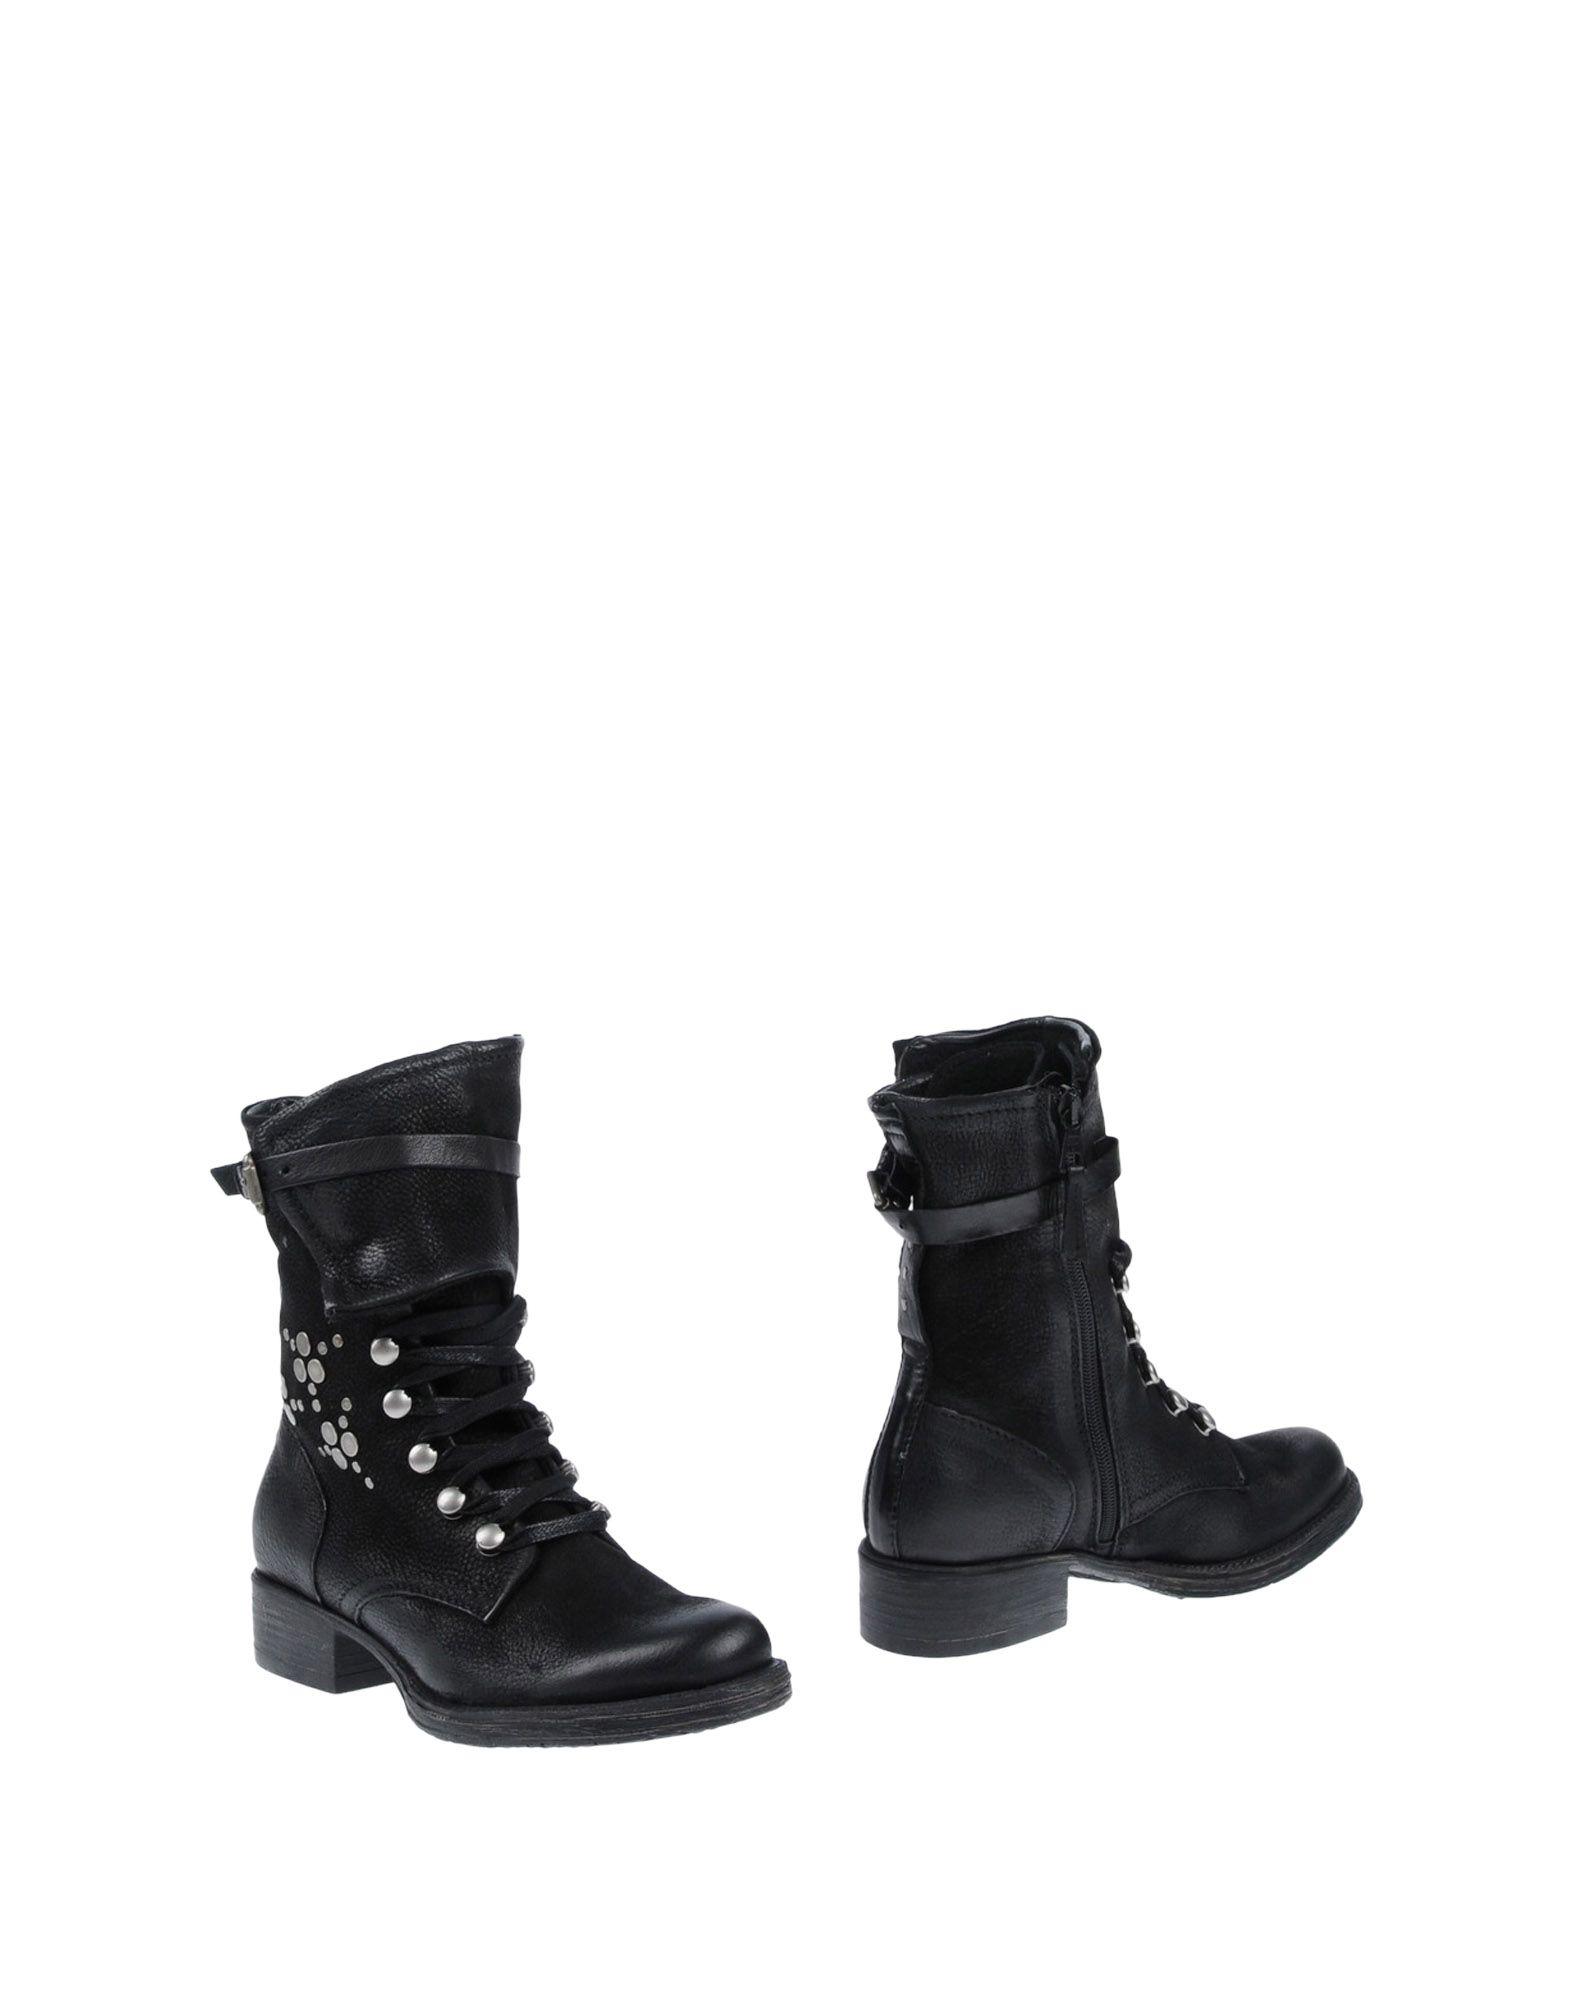 Ovye' By Cristina Lucchi Stiefelette Damen  11456691TN Gute Qualität beliebte Schuhe